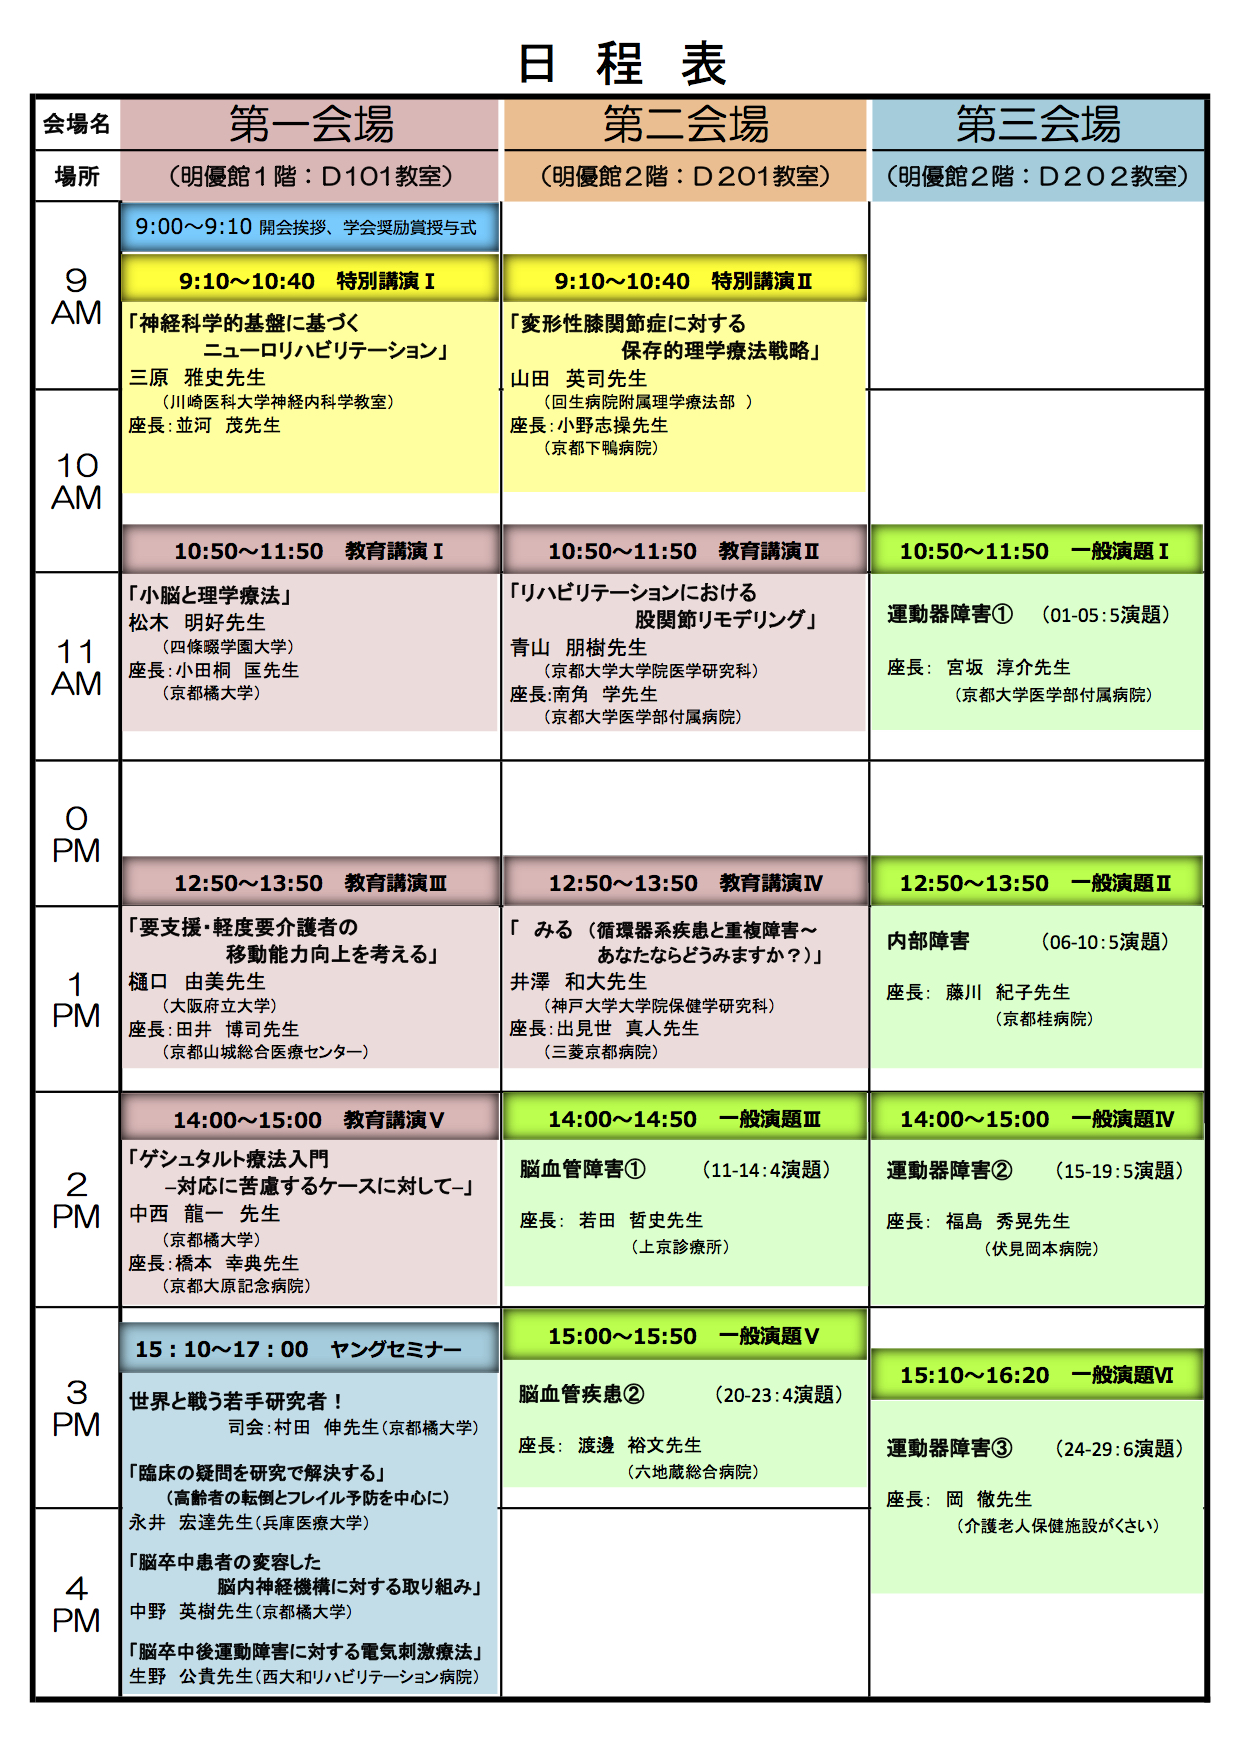 学会日程表